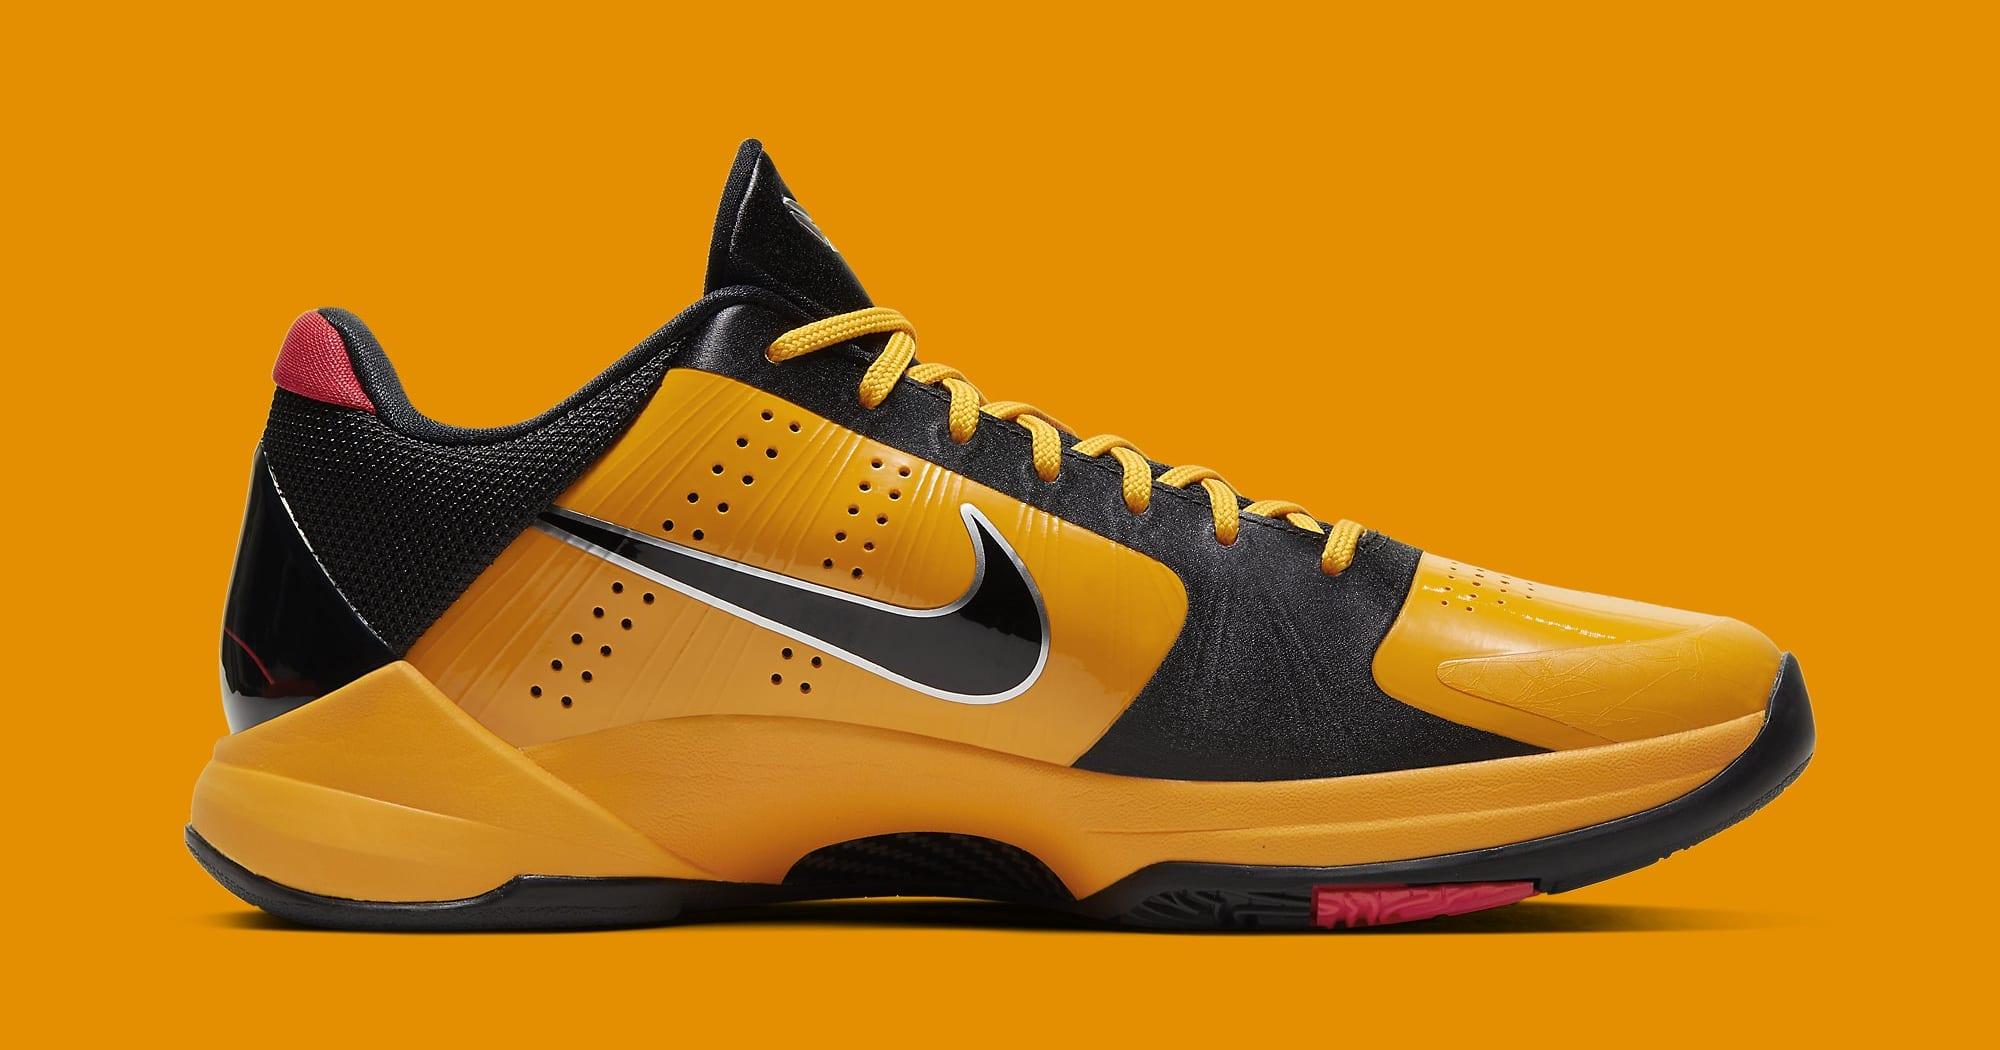 Nike Kobe 5 Protro 'Bruce Lee' CD4991-700 Medial